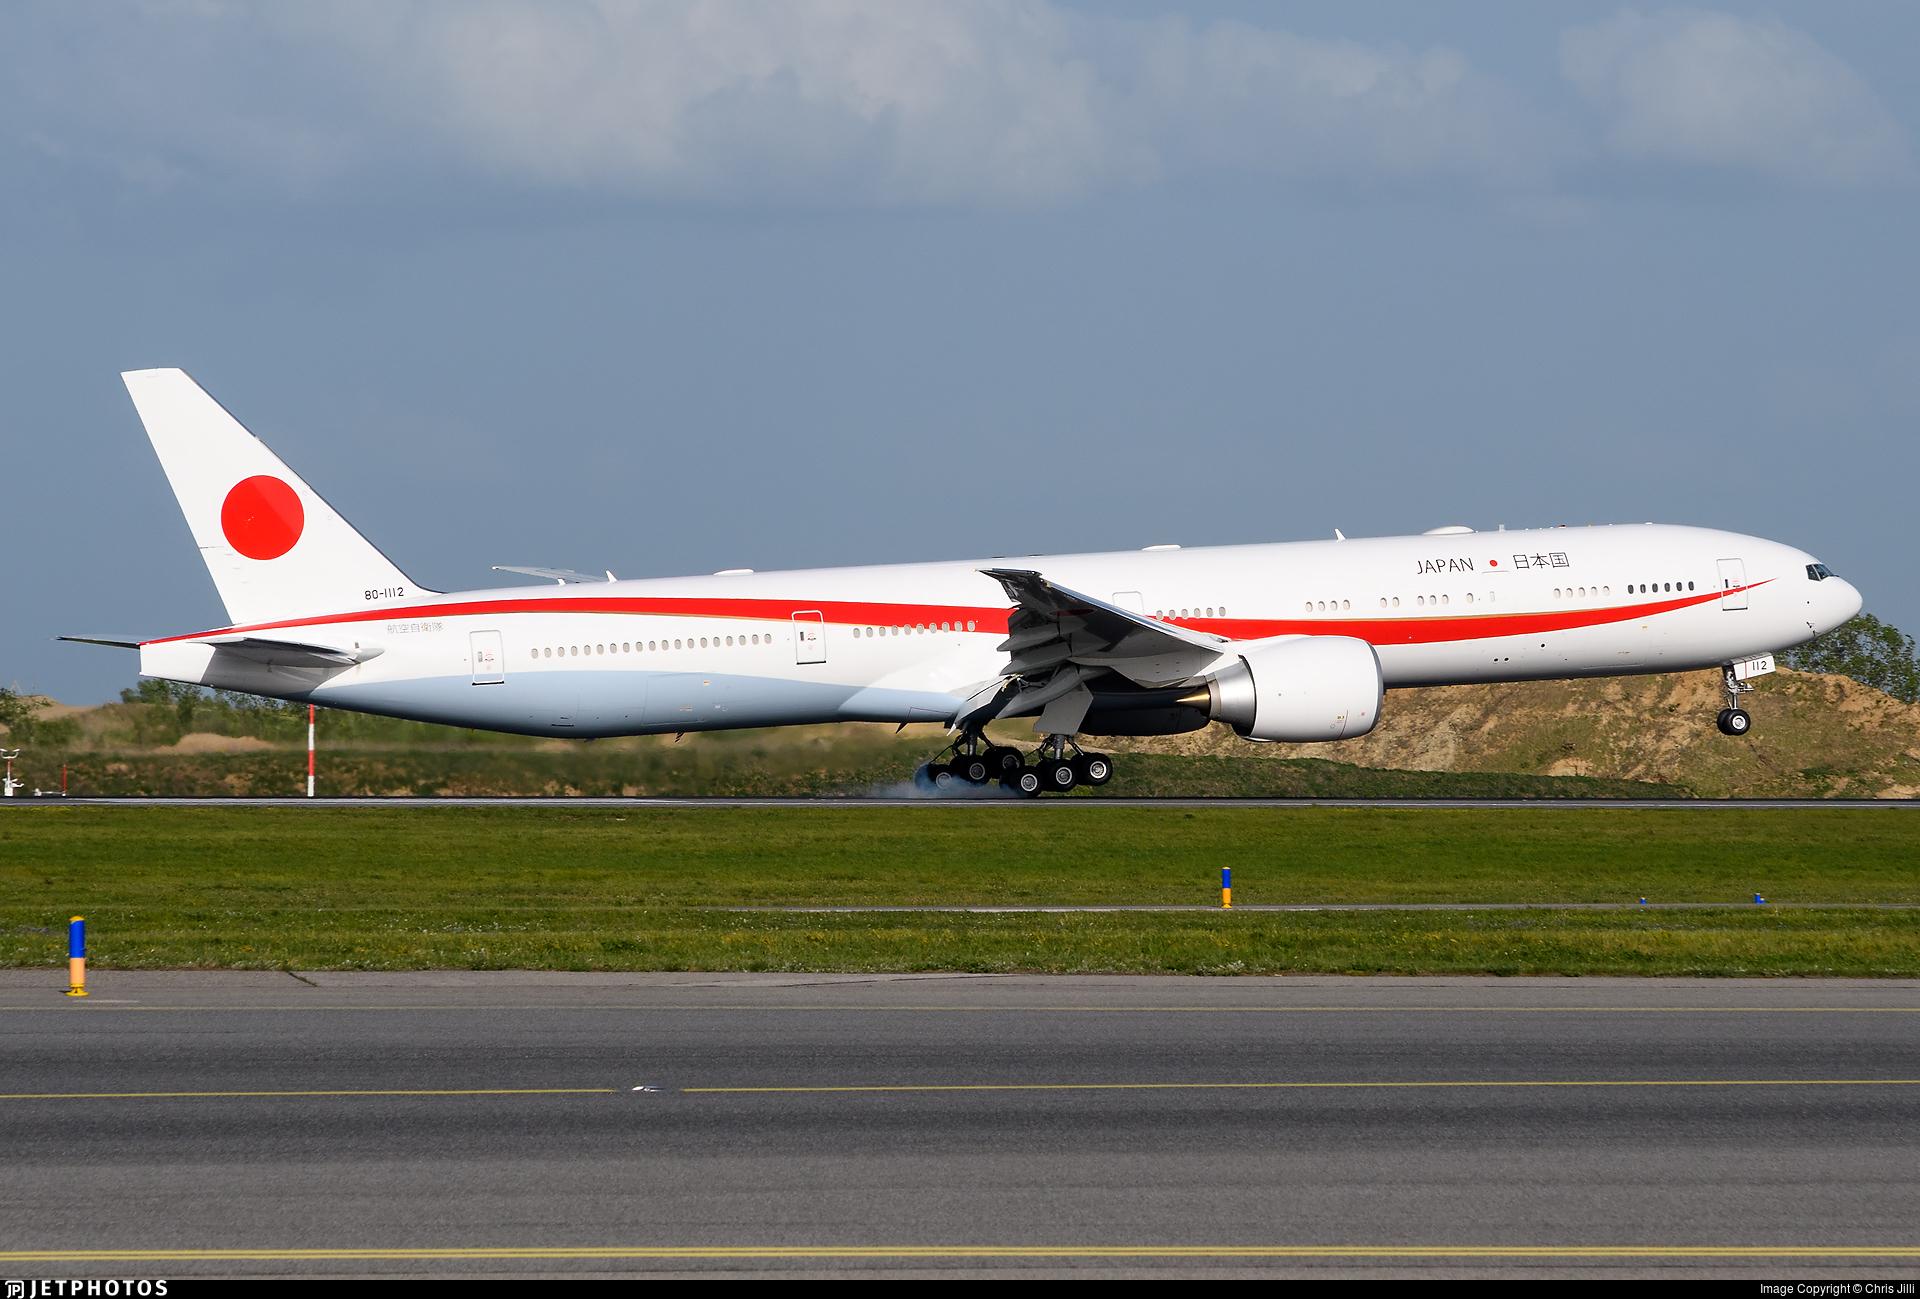 80-1112 - Boeing 777-3SBER - Japan - Air Self Defence Force (JASDF)